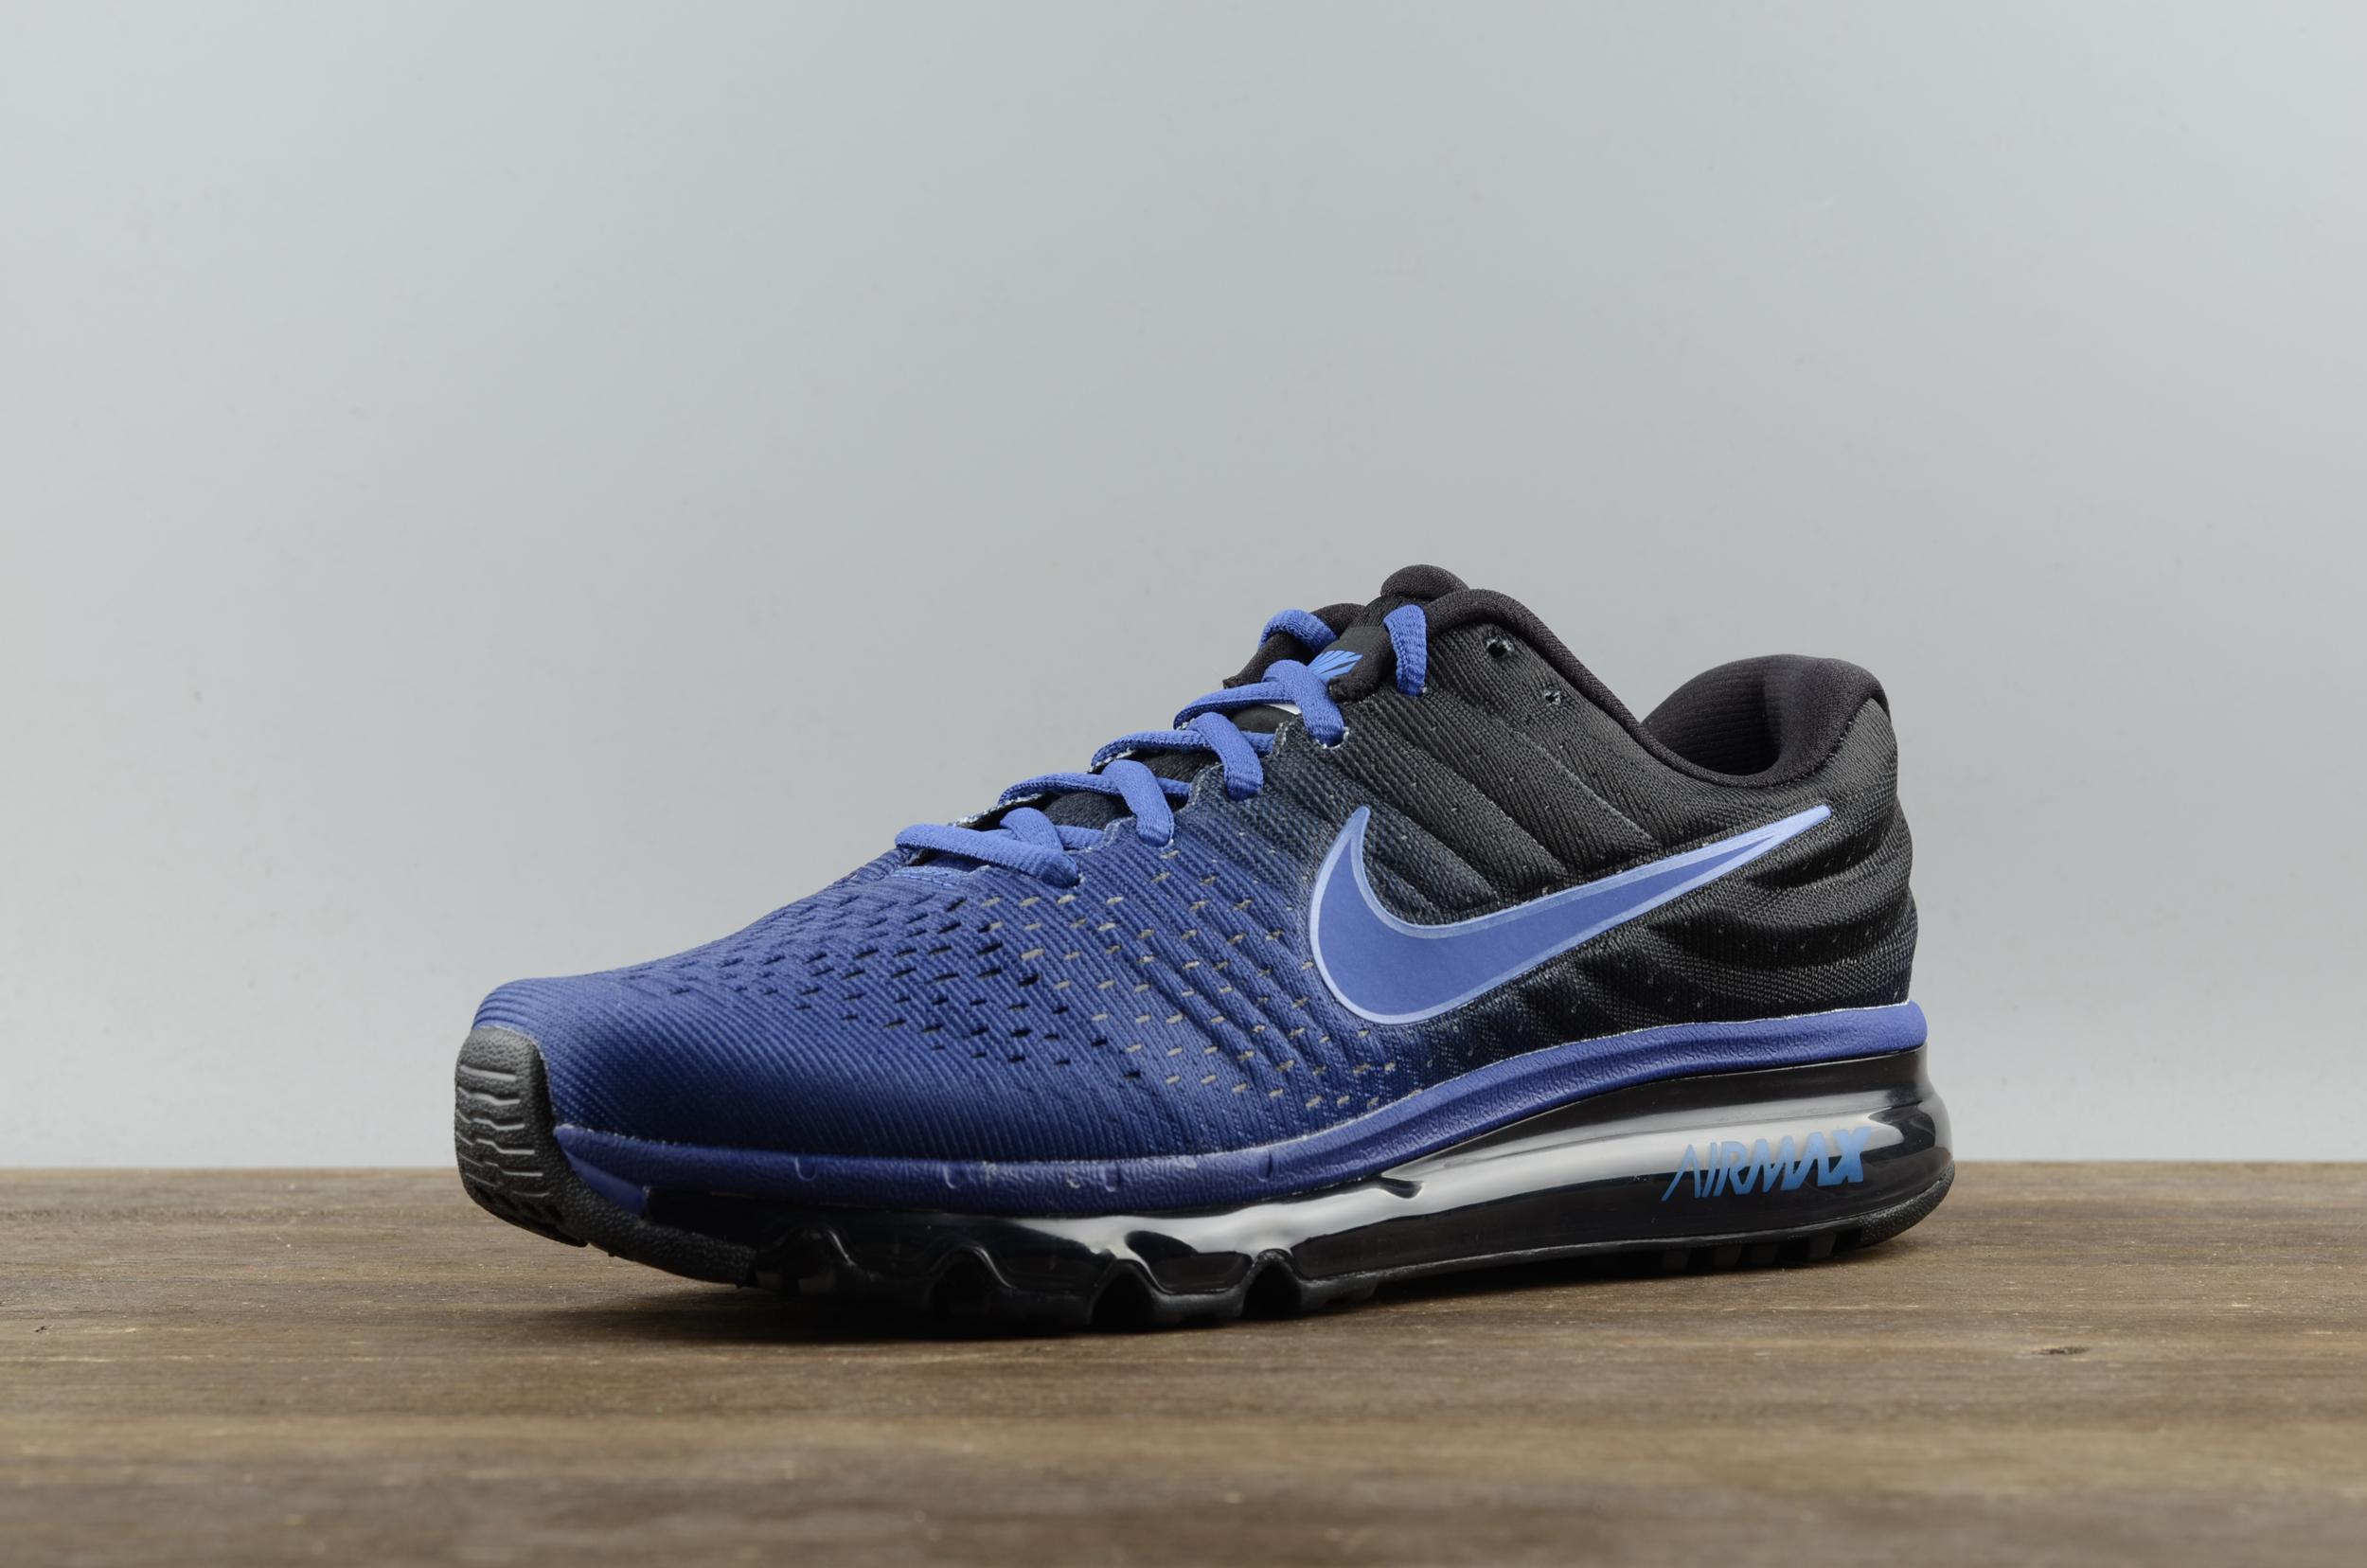 8a9e5c0a48 czech nike mens air max 2017 running shoes dark obsidian white royal blue  849559 b1017 fda72; best price nike air max 2017 blue black 6a3c3 03950